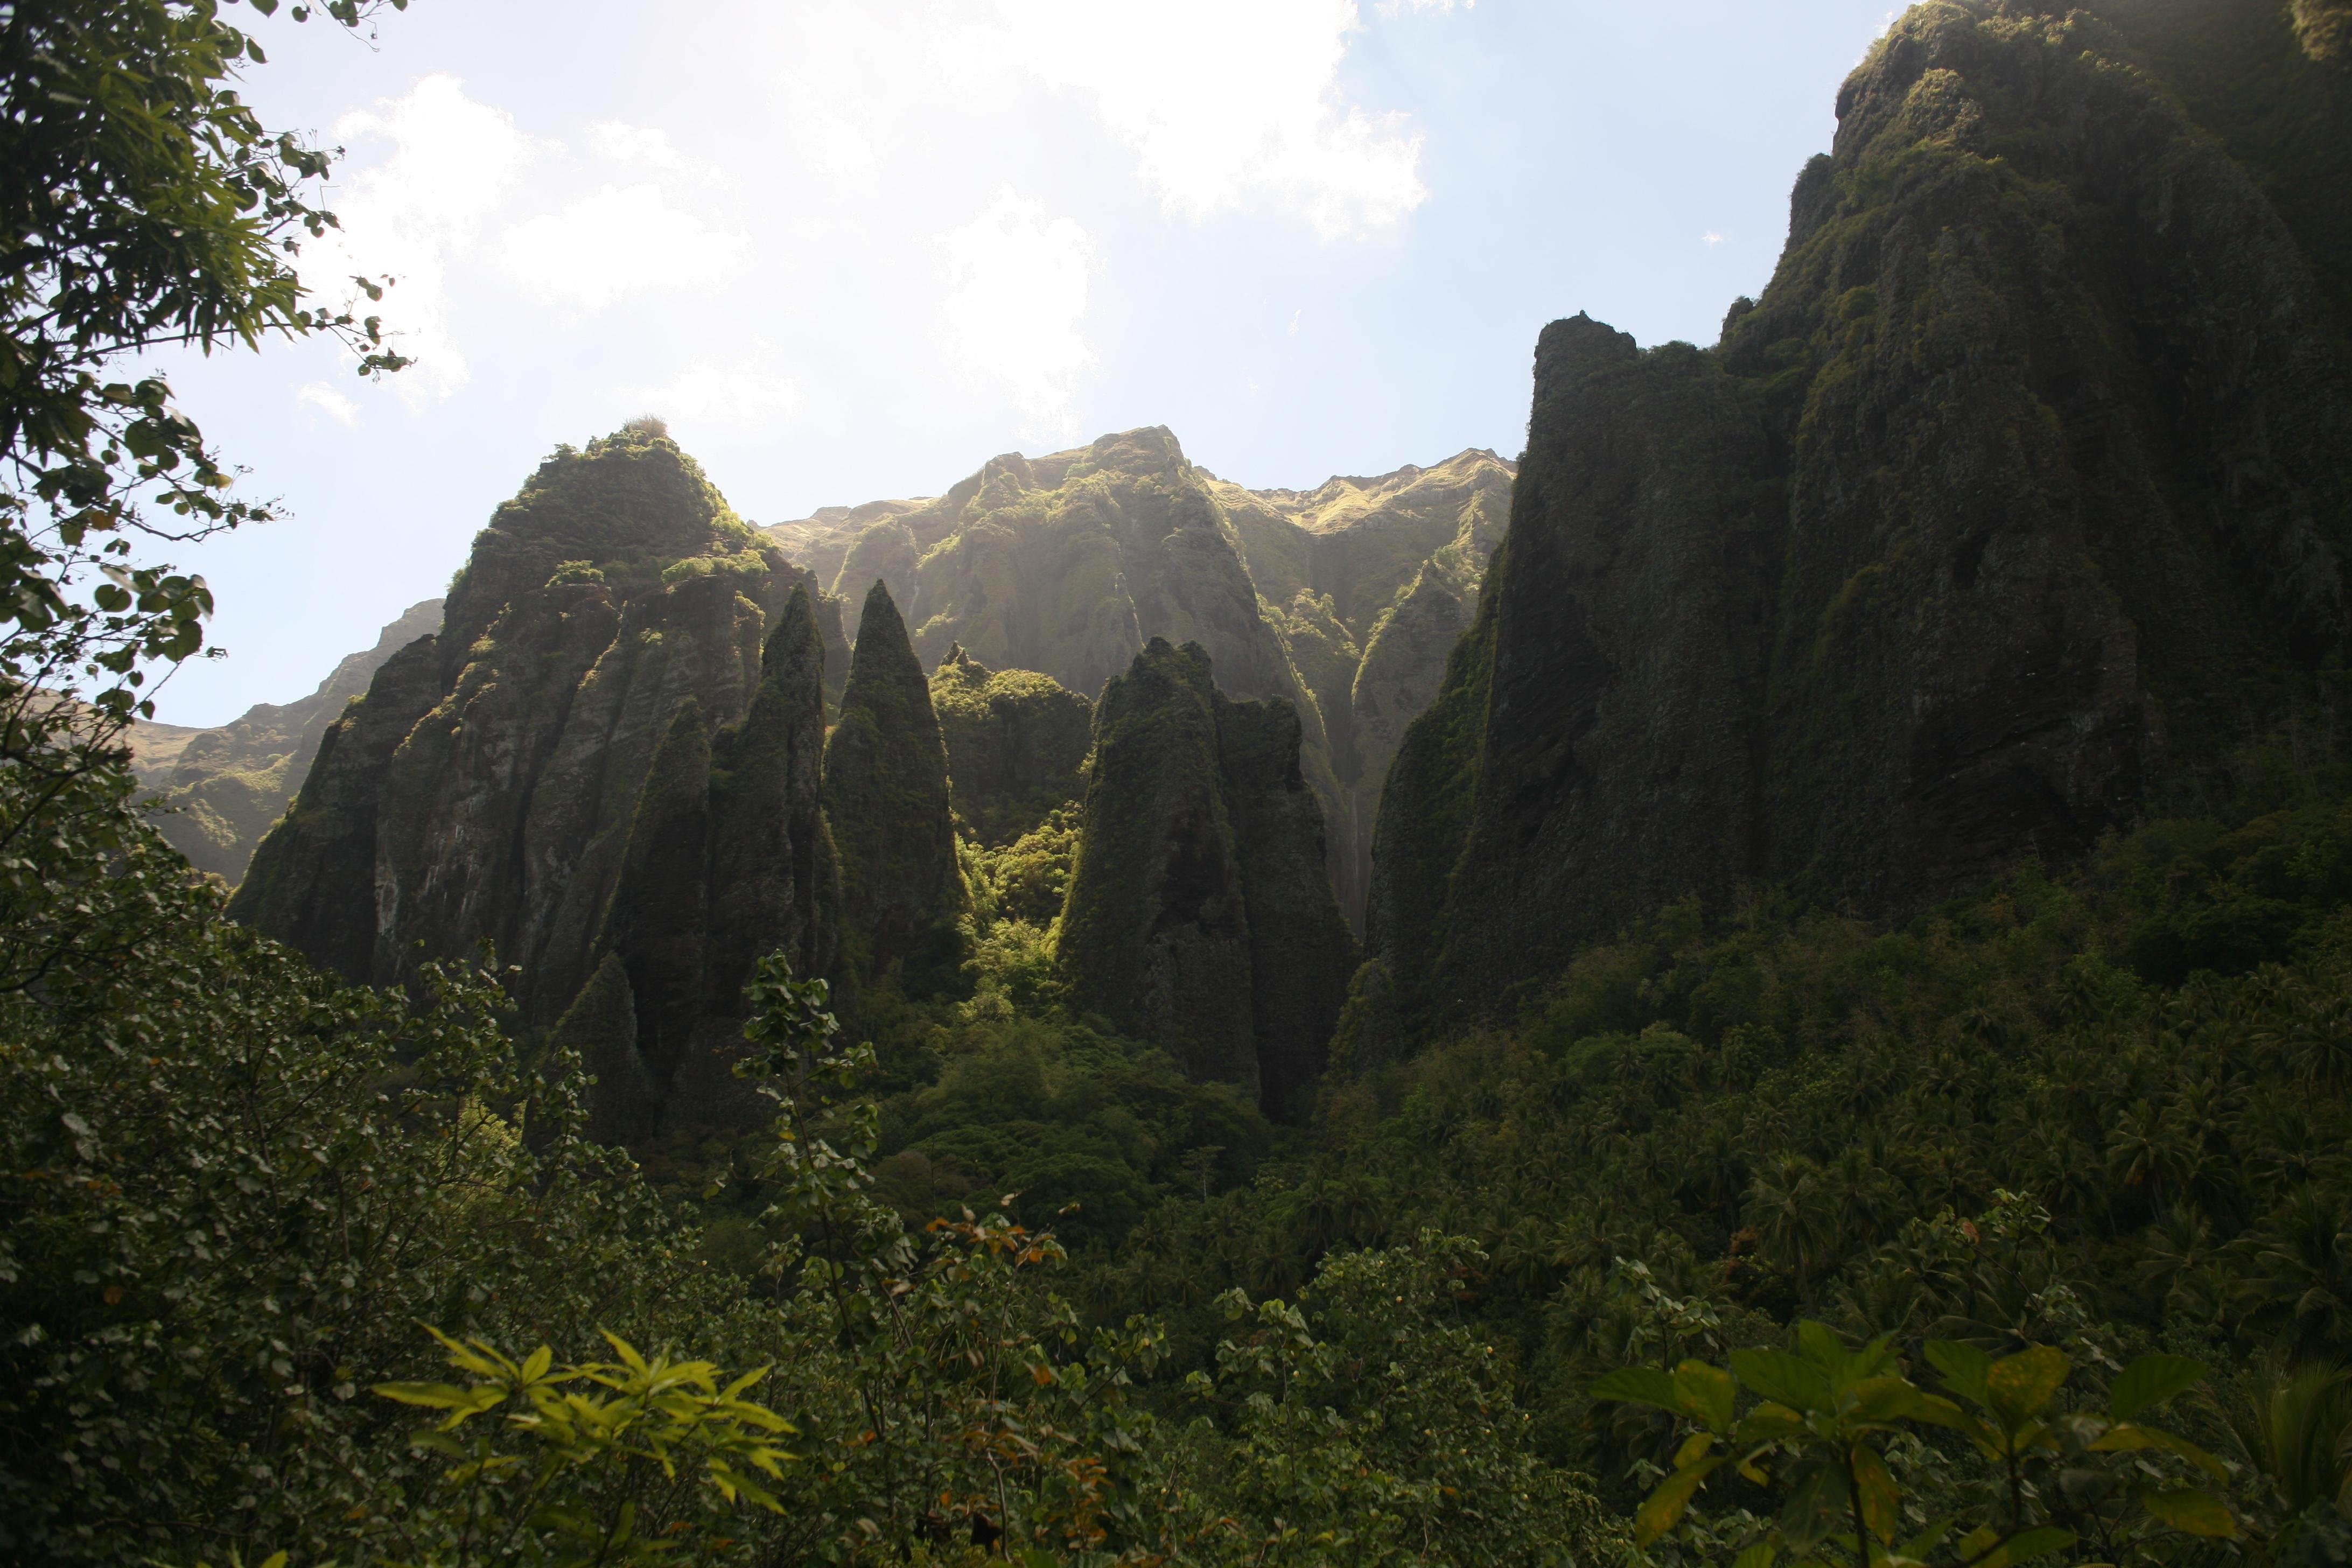 Un paysage typique de la vallée de Hakaui ; l'érosion a dessiné des reliefs extrêmes.